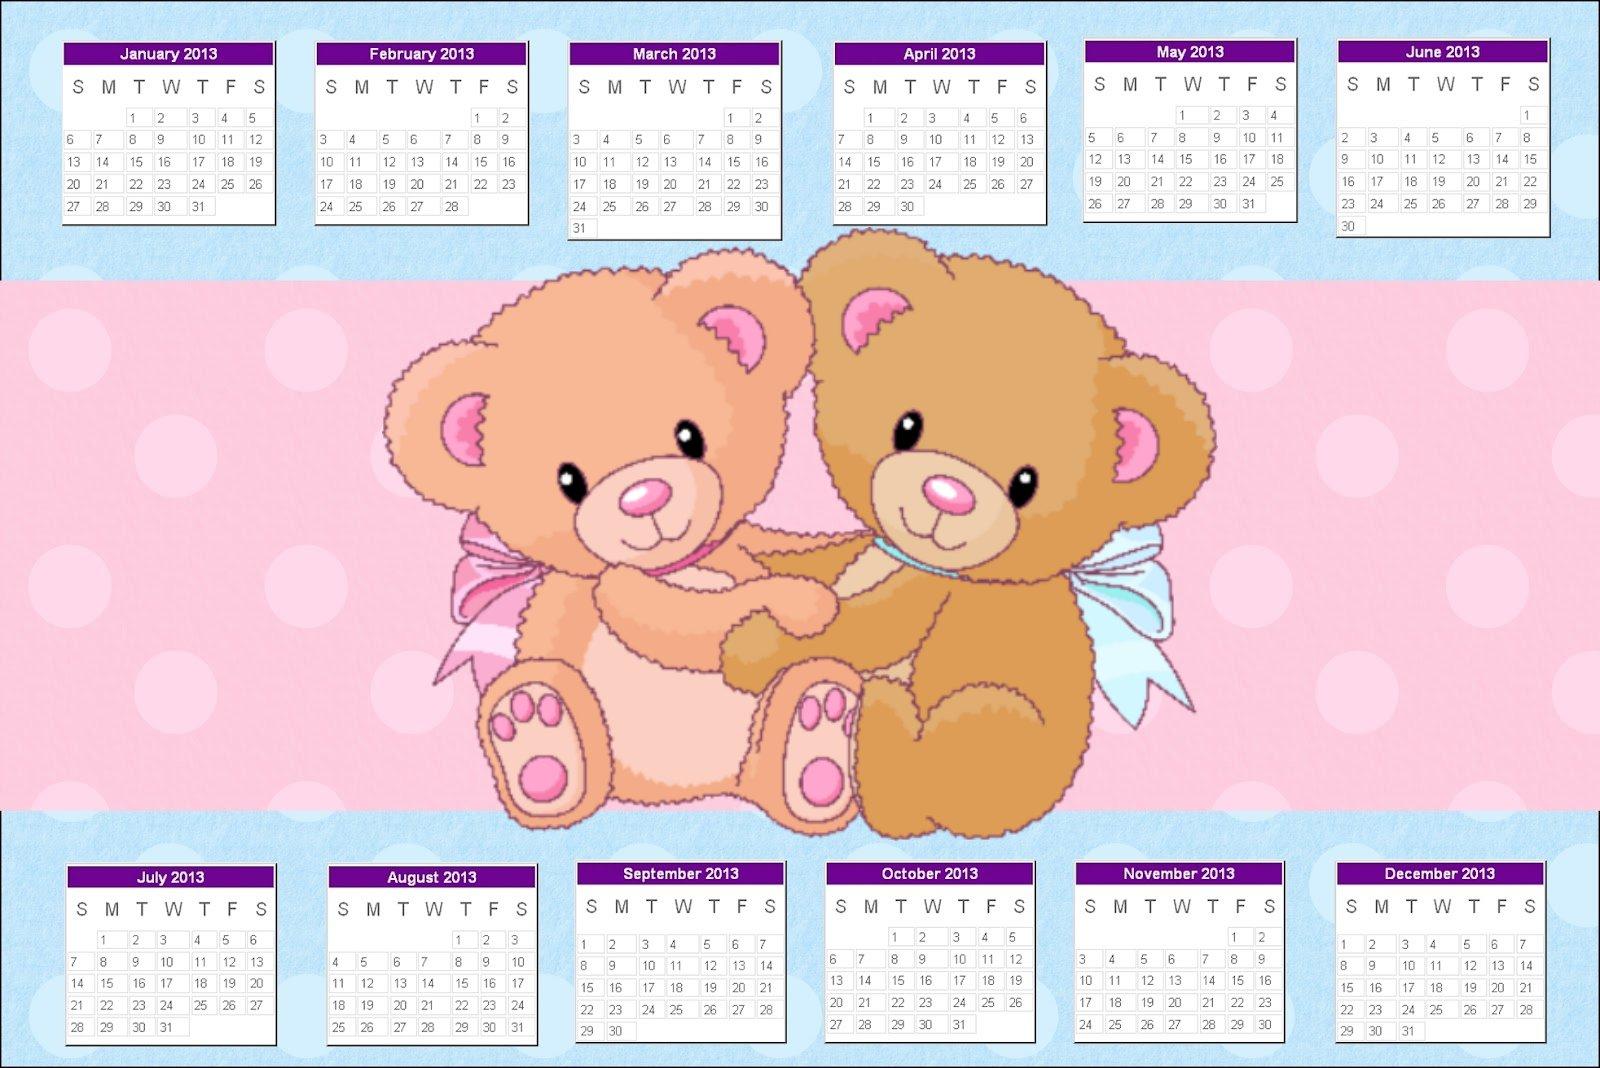 http://3.bp.blogspot.com/-XAhMXH9Y0r0/UB_aPFWpSJI/AAAAAAAAOHk/eOwWSLkfIk4/s1600/Calendario2013.jpg